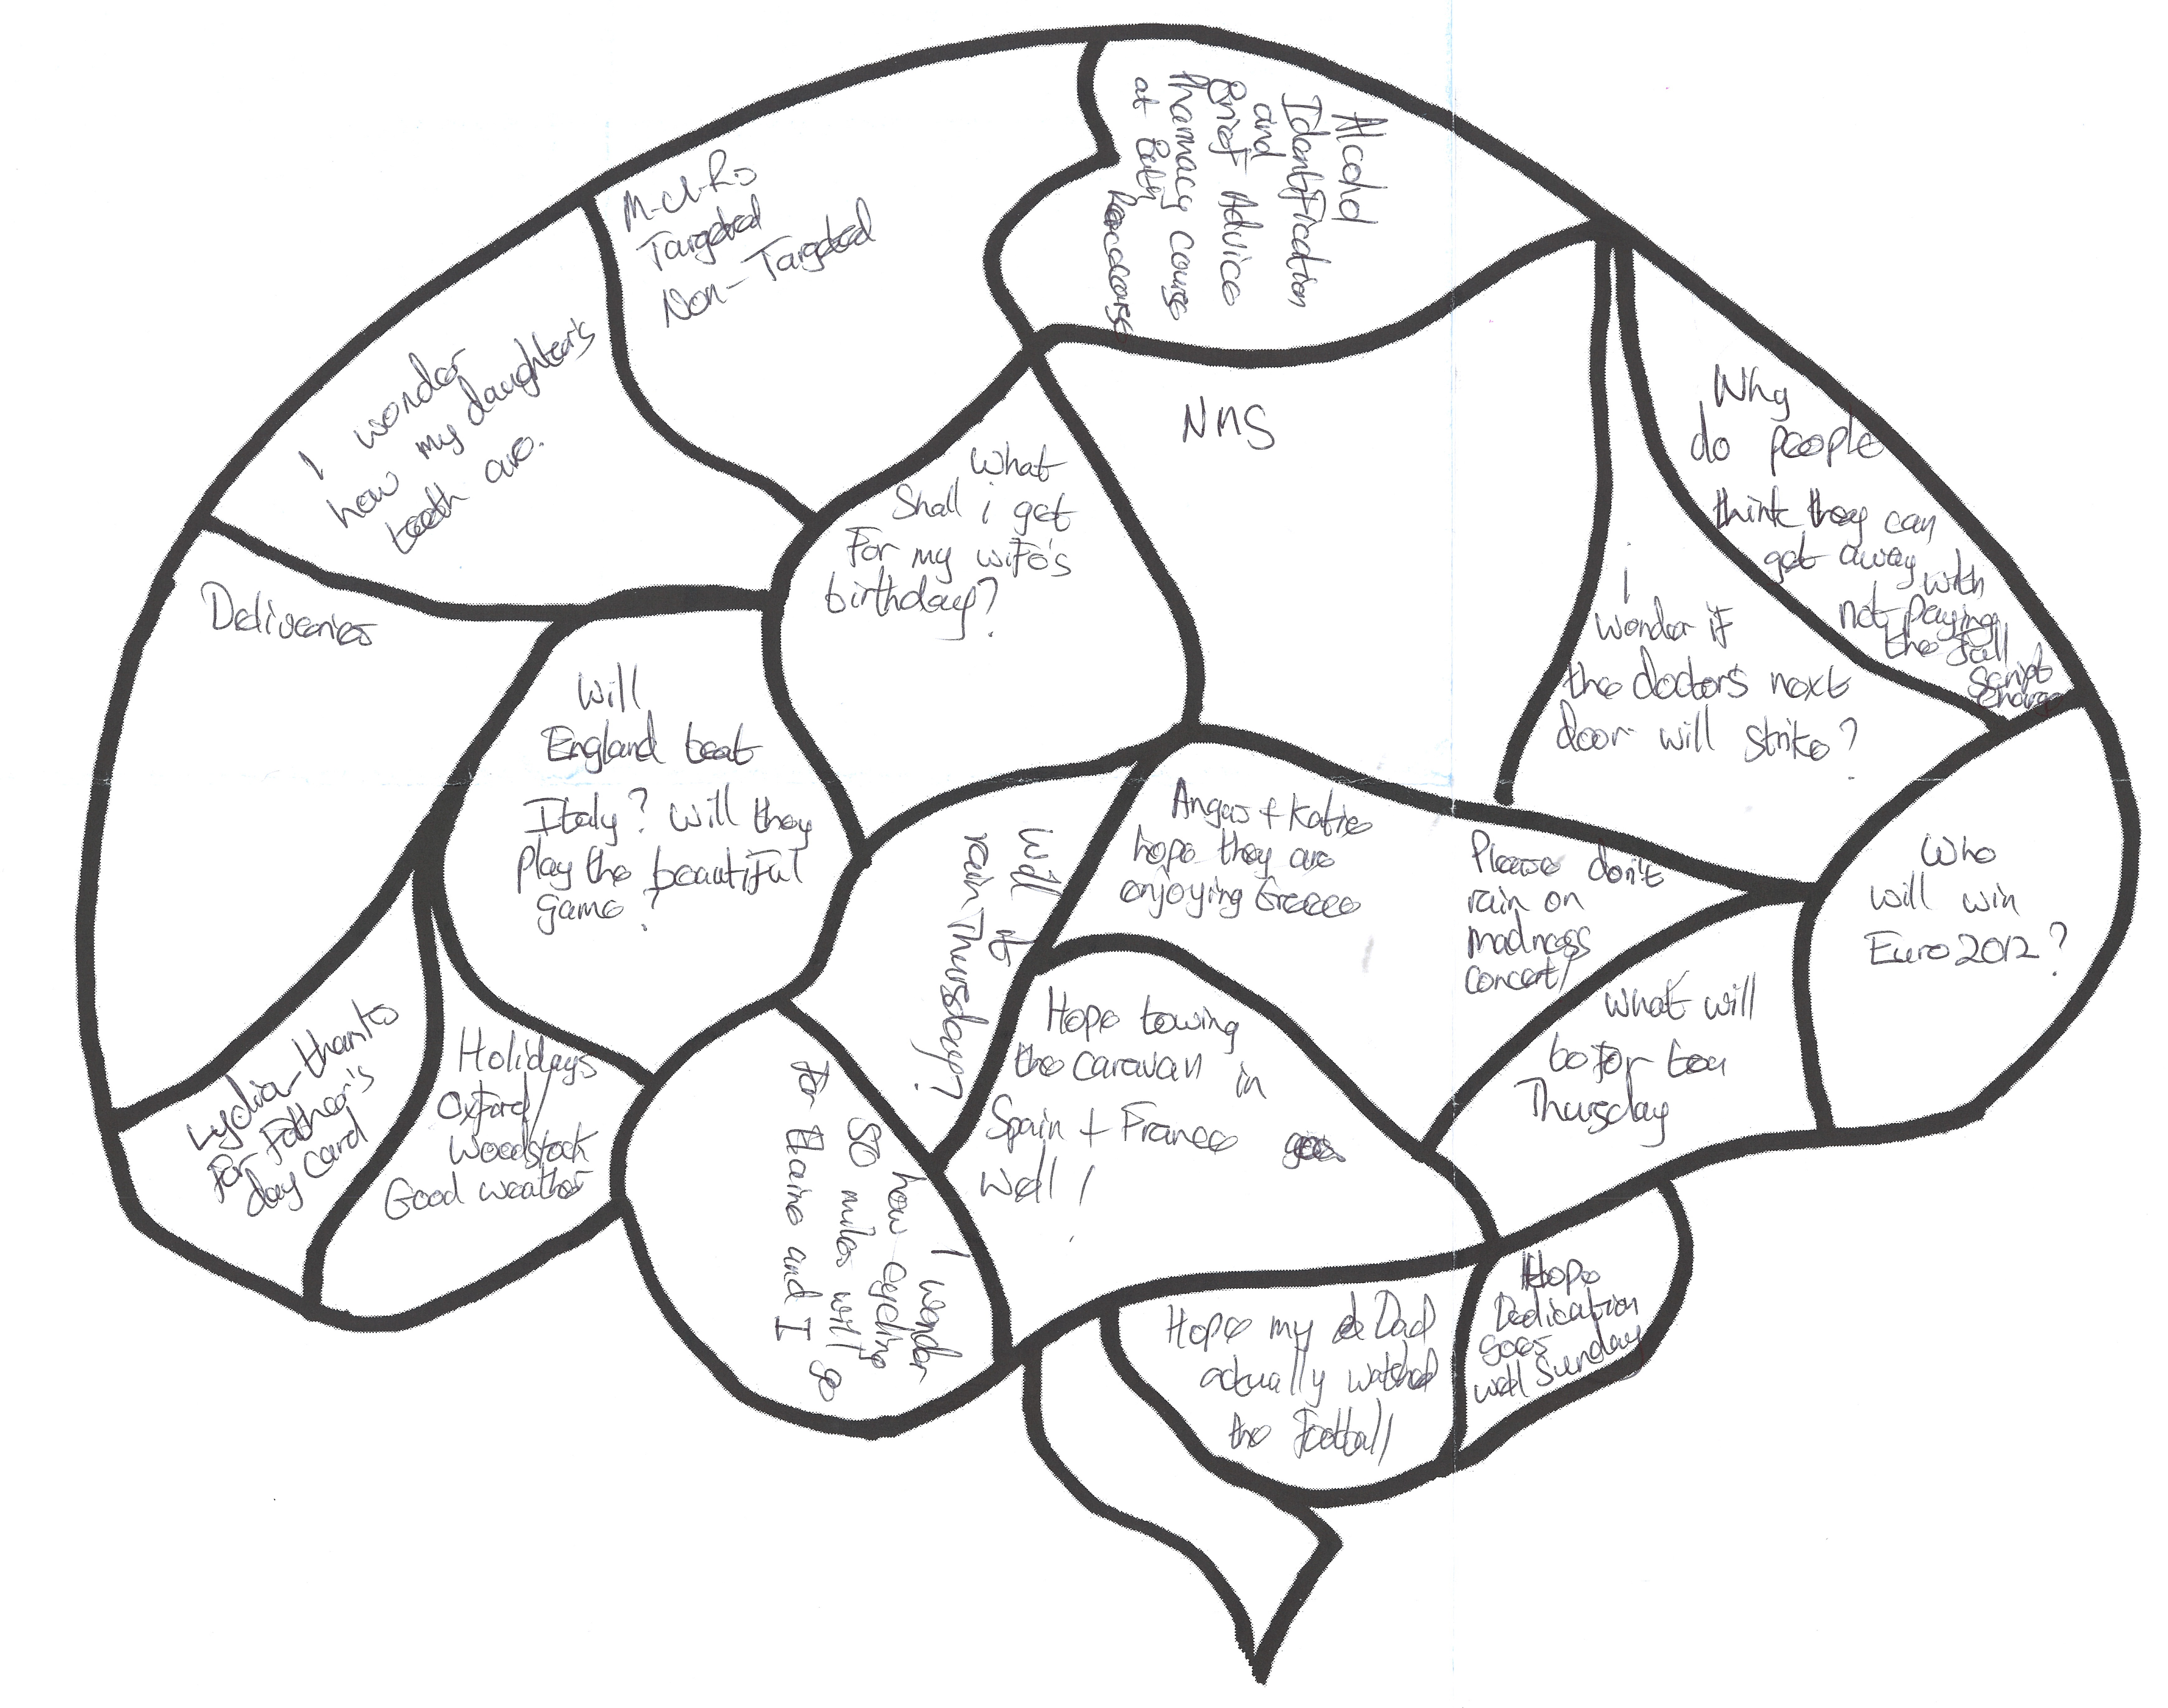 Drawn brains funny cartoon Girl brain I Error entries